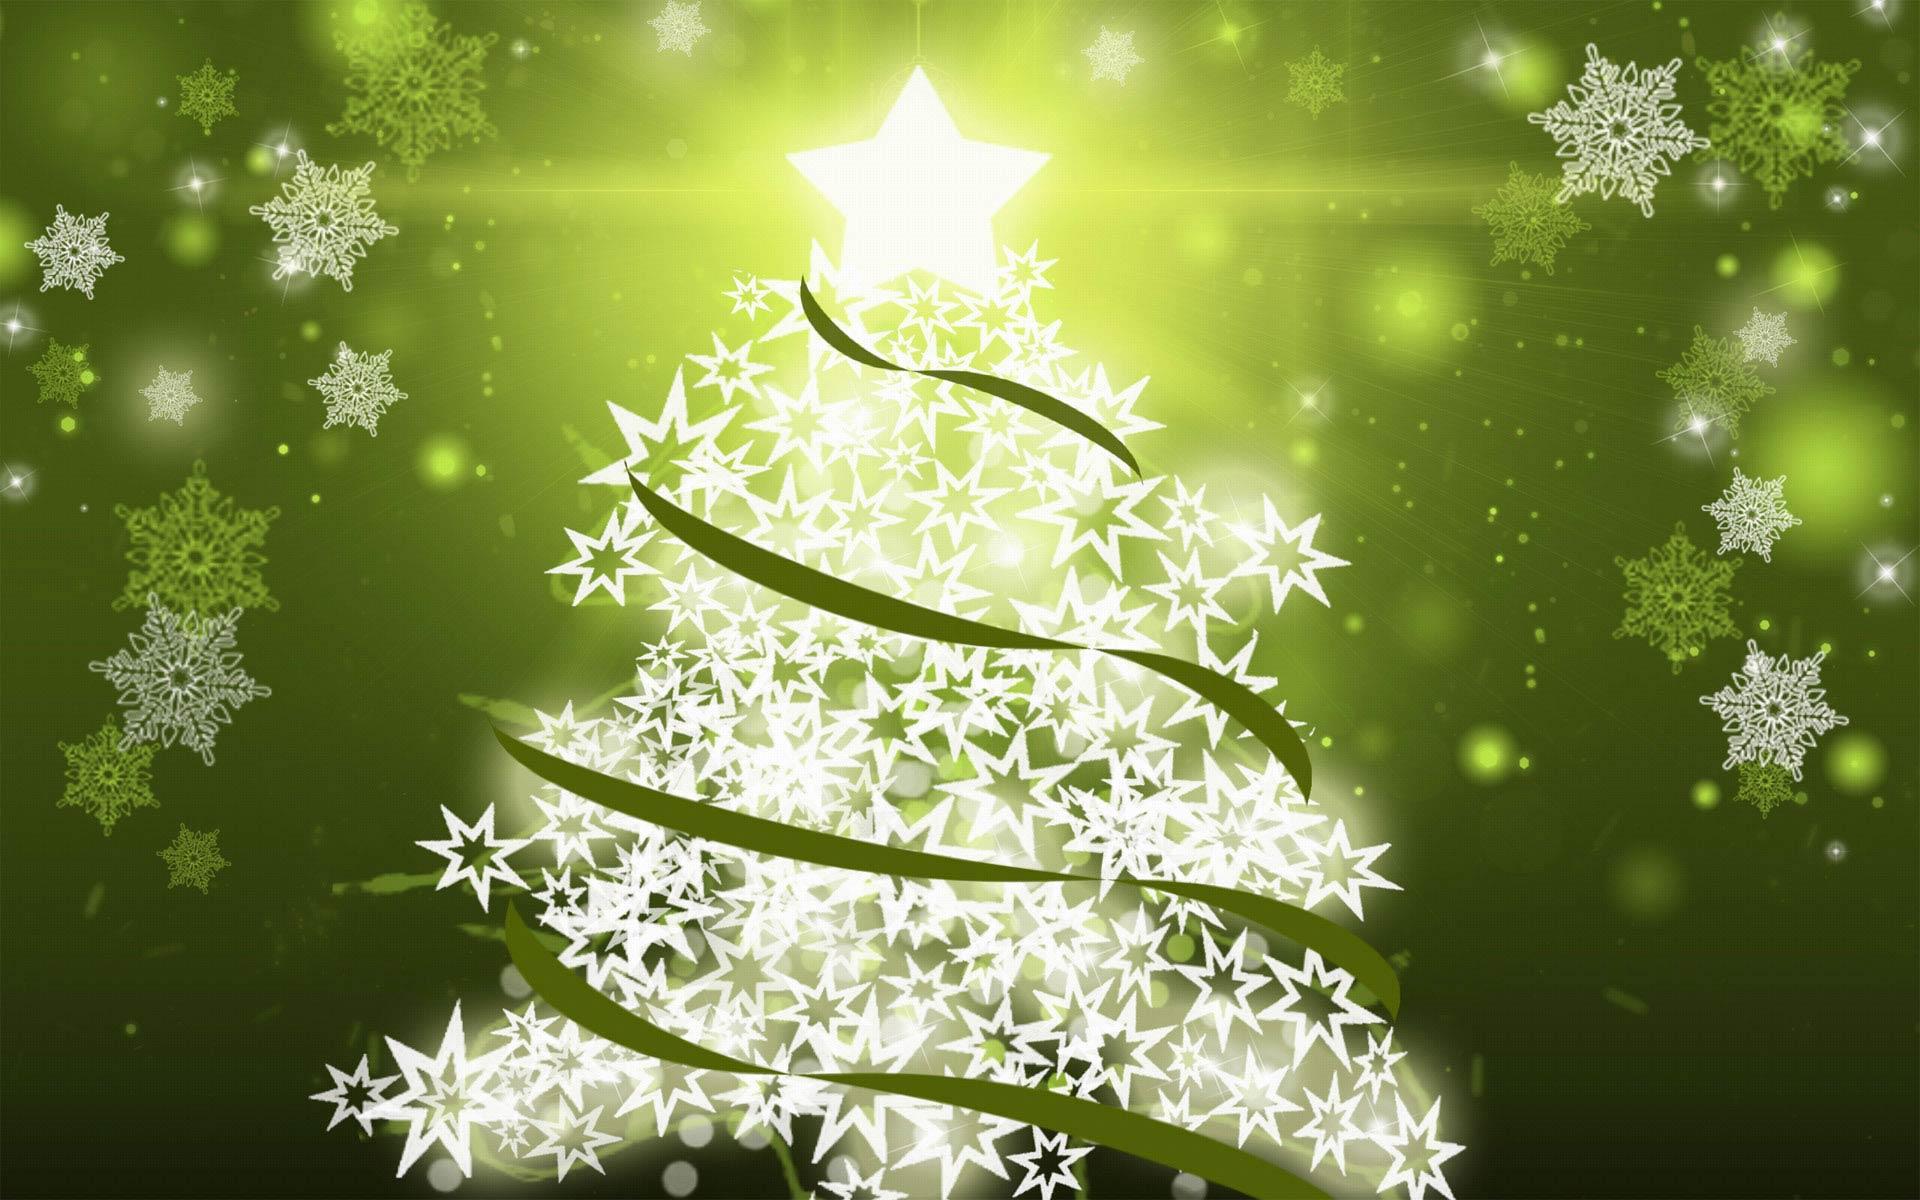 Sfondo Natalizio - Sfondi Natalizi Albero di Natale